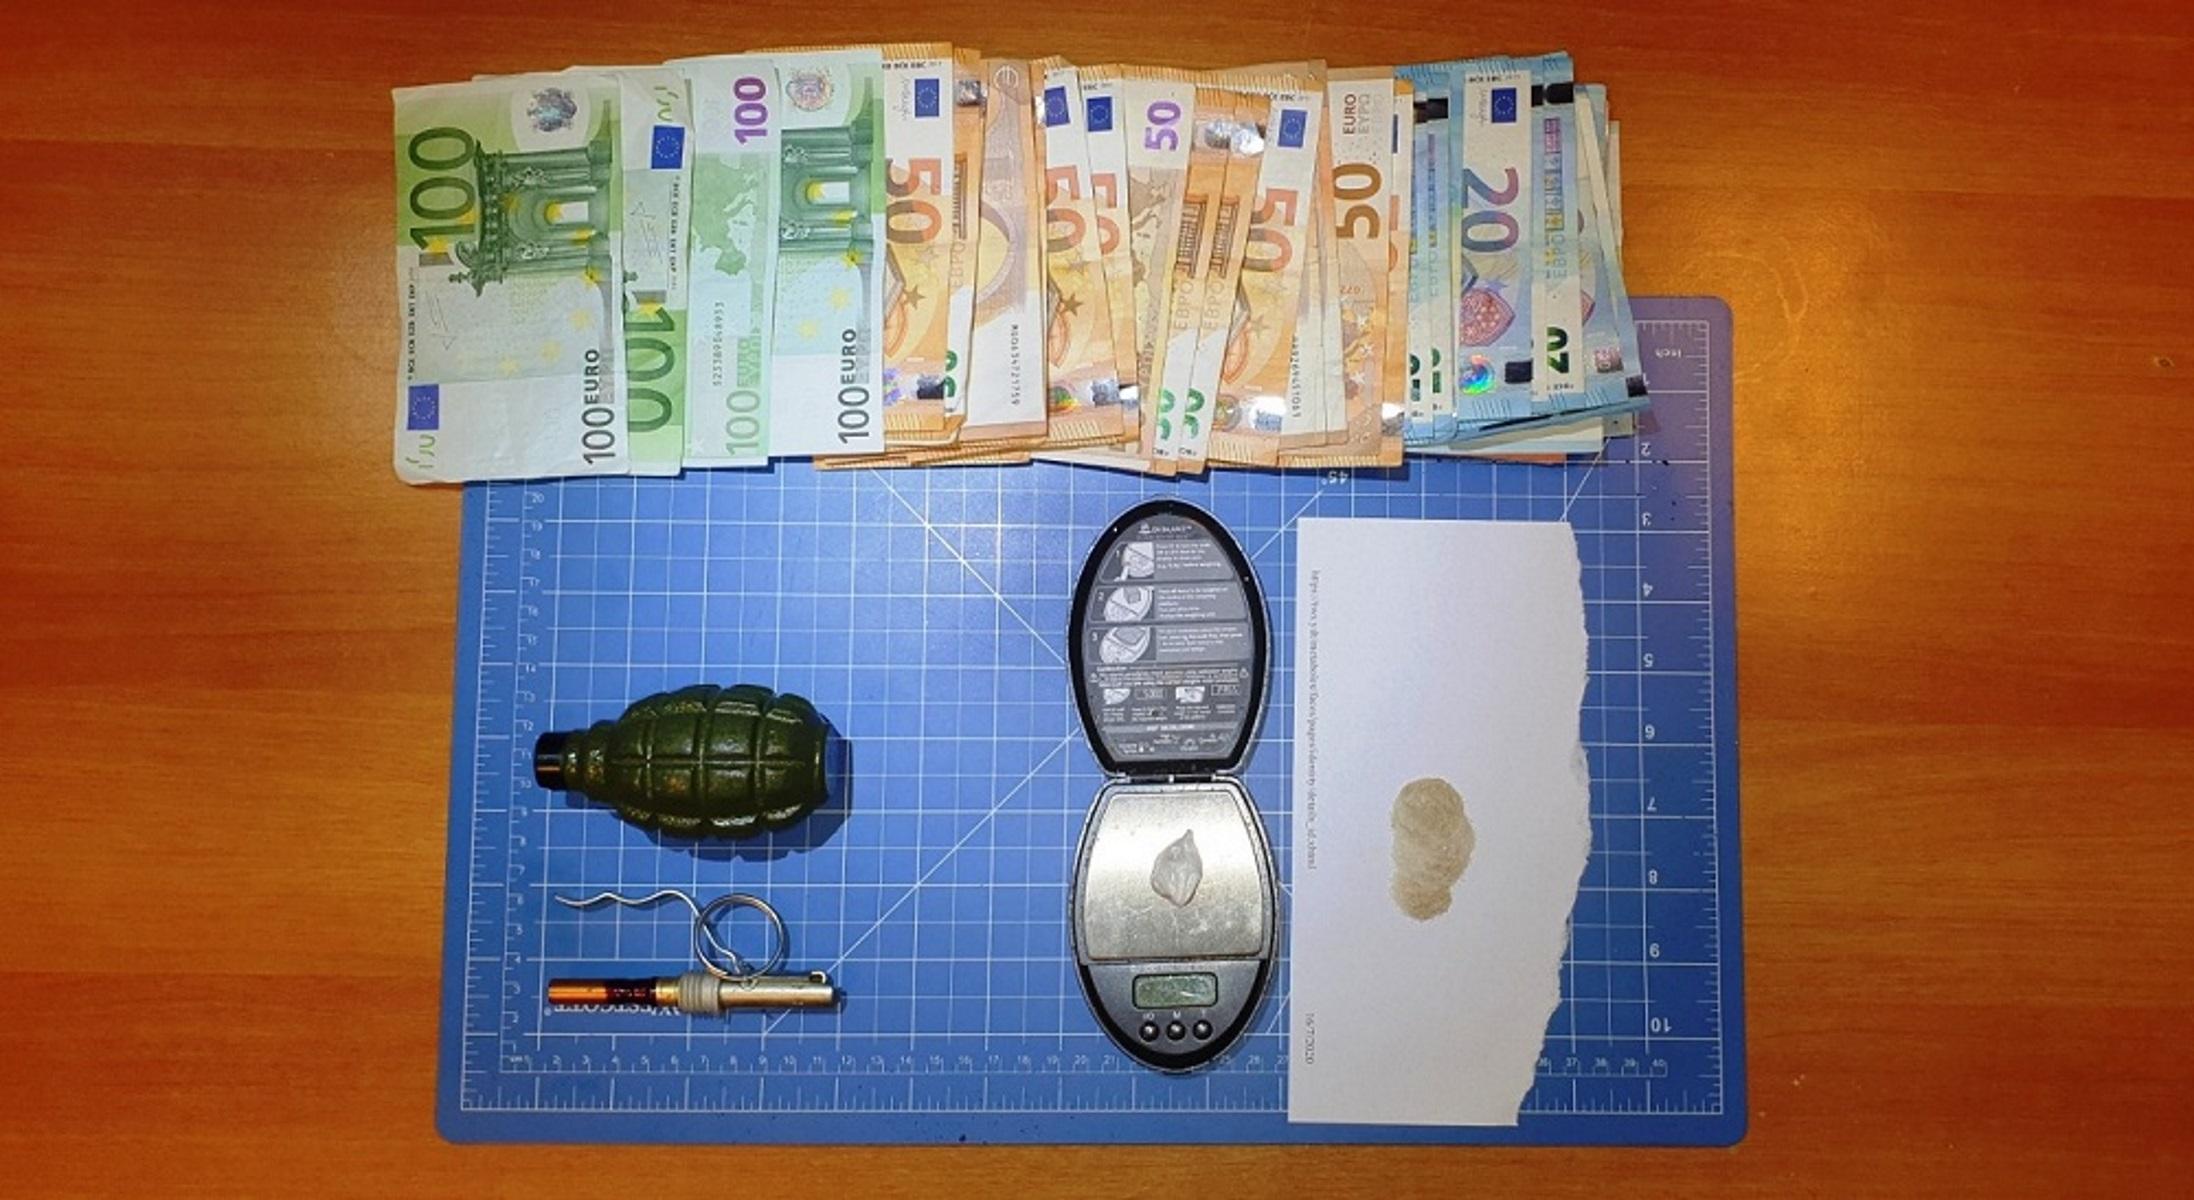 Ηράκλειο: Έκρυβαν στο σπίτι τους χειροβομβίδα και κοκαΐνη – Δύο συλλήψεις